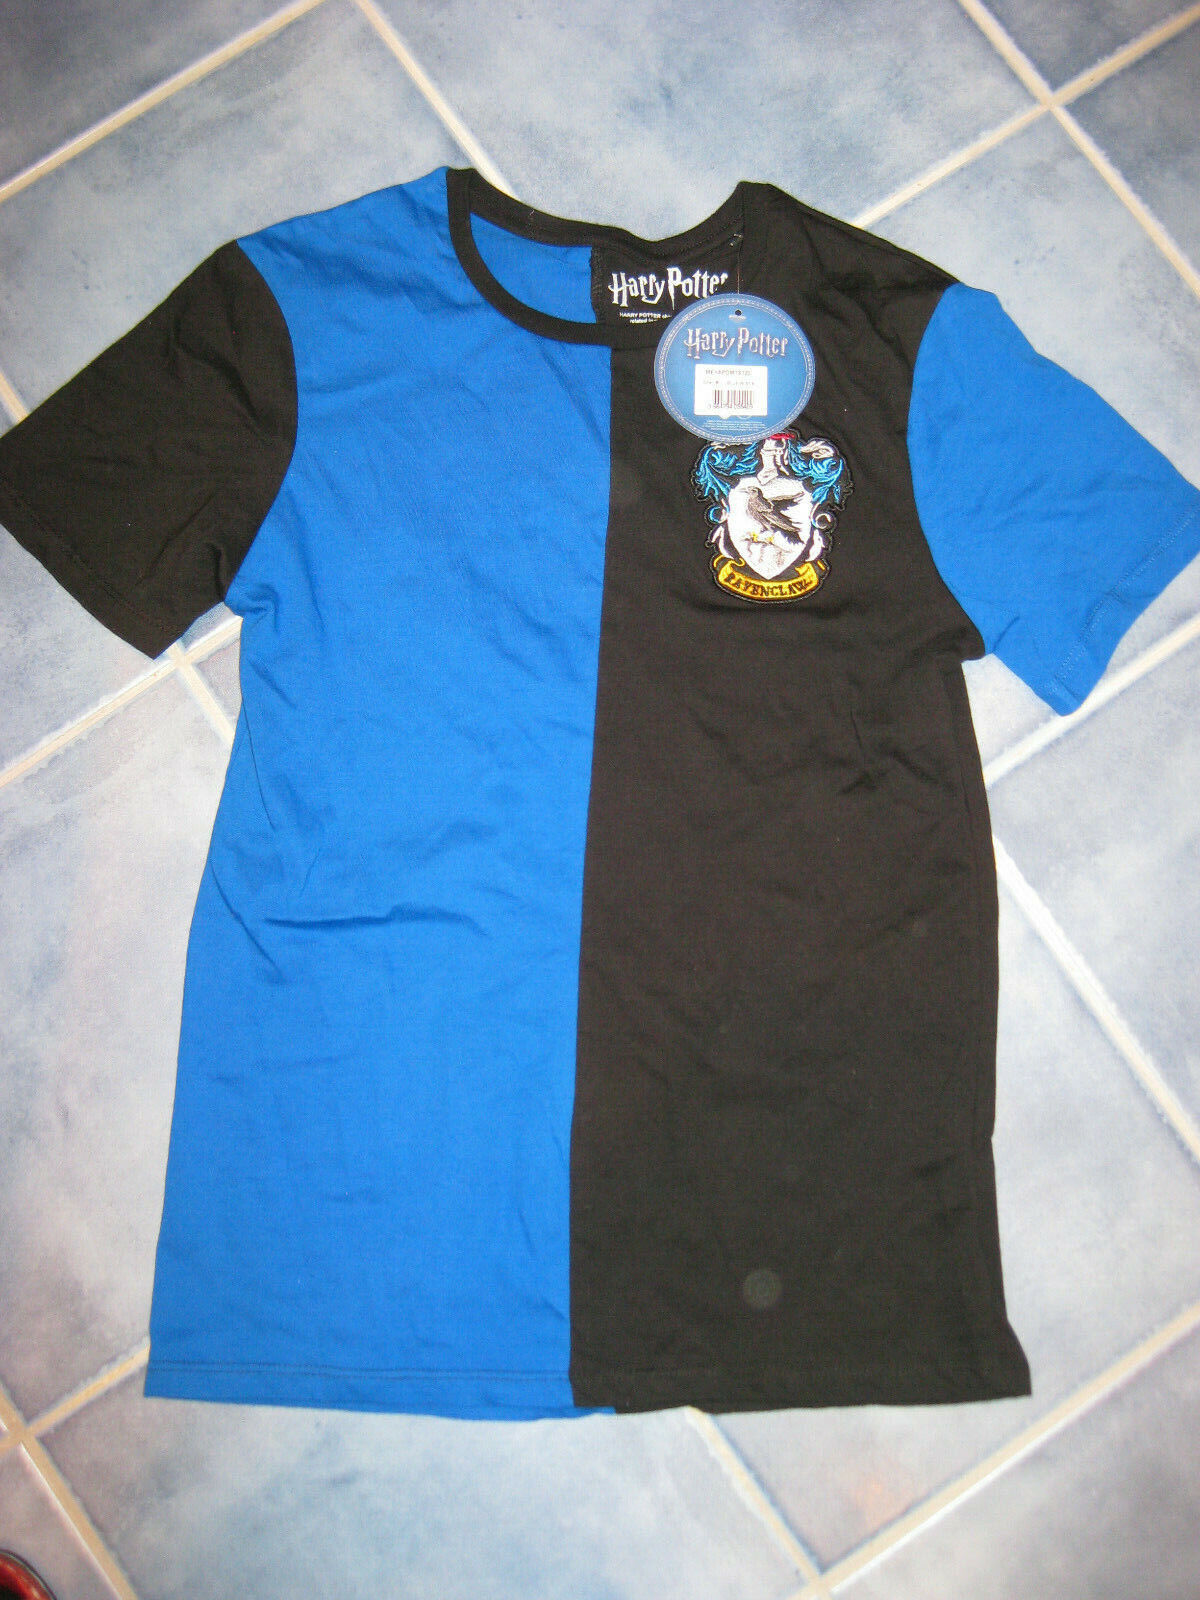 Harry Potter T-shirt Ravenclaw Quidditch Team Men's Blue M